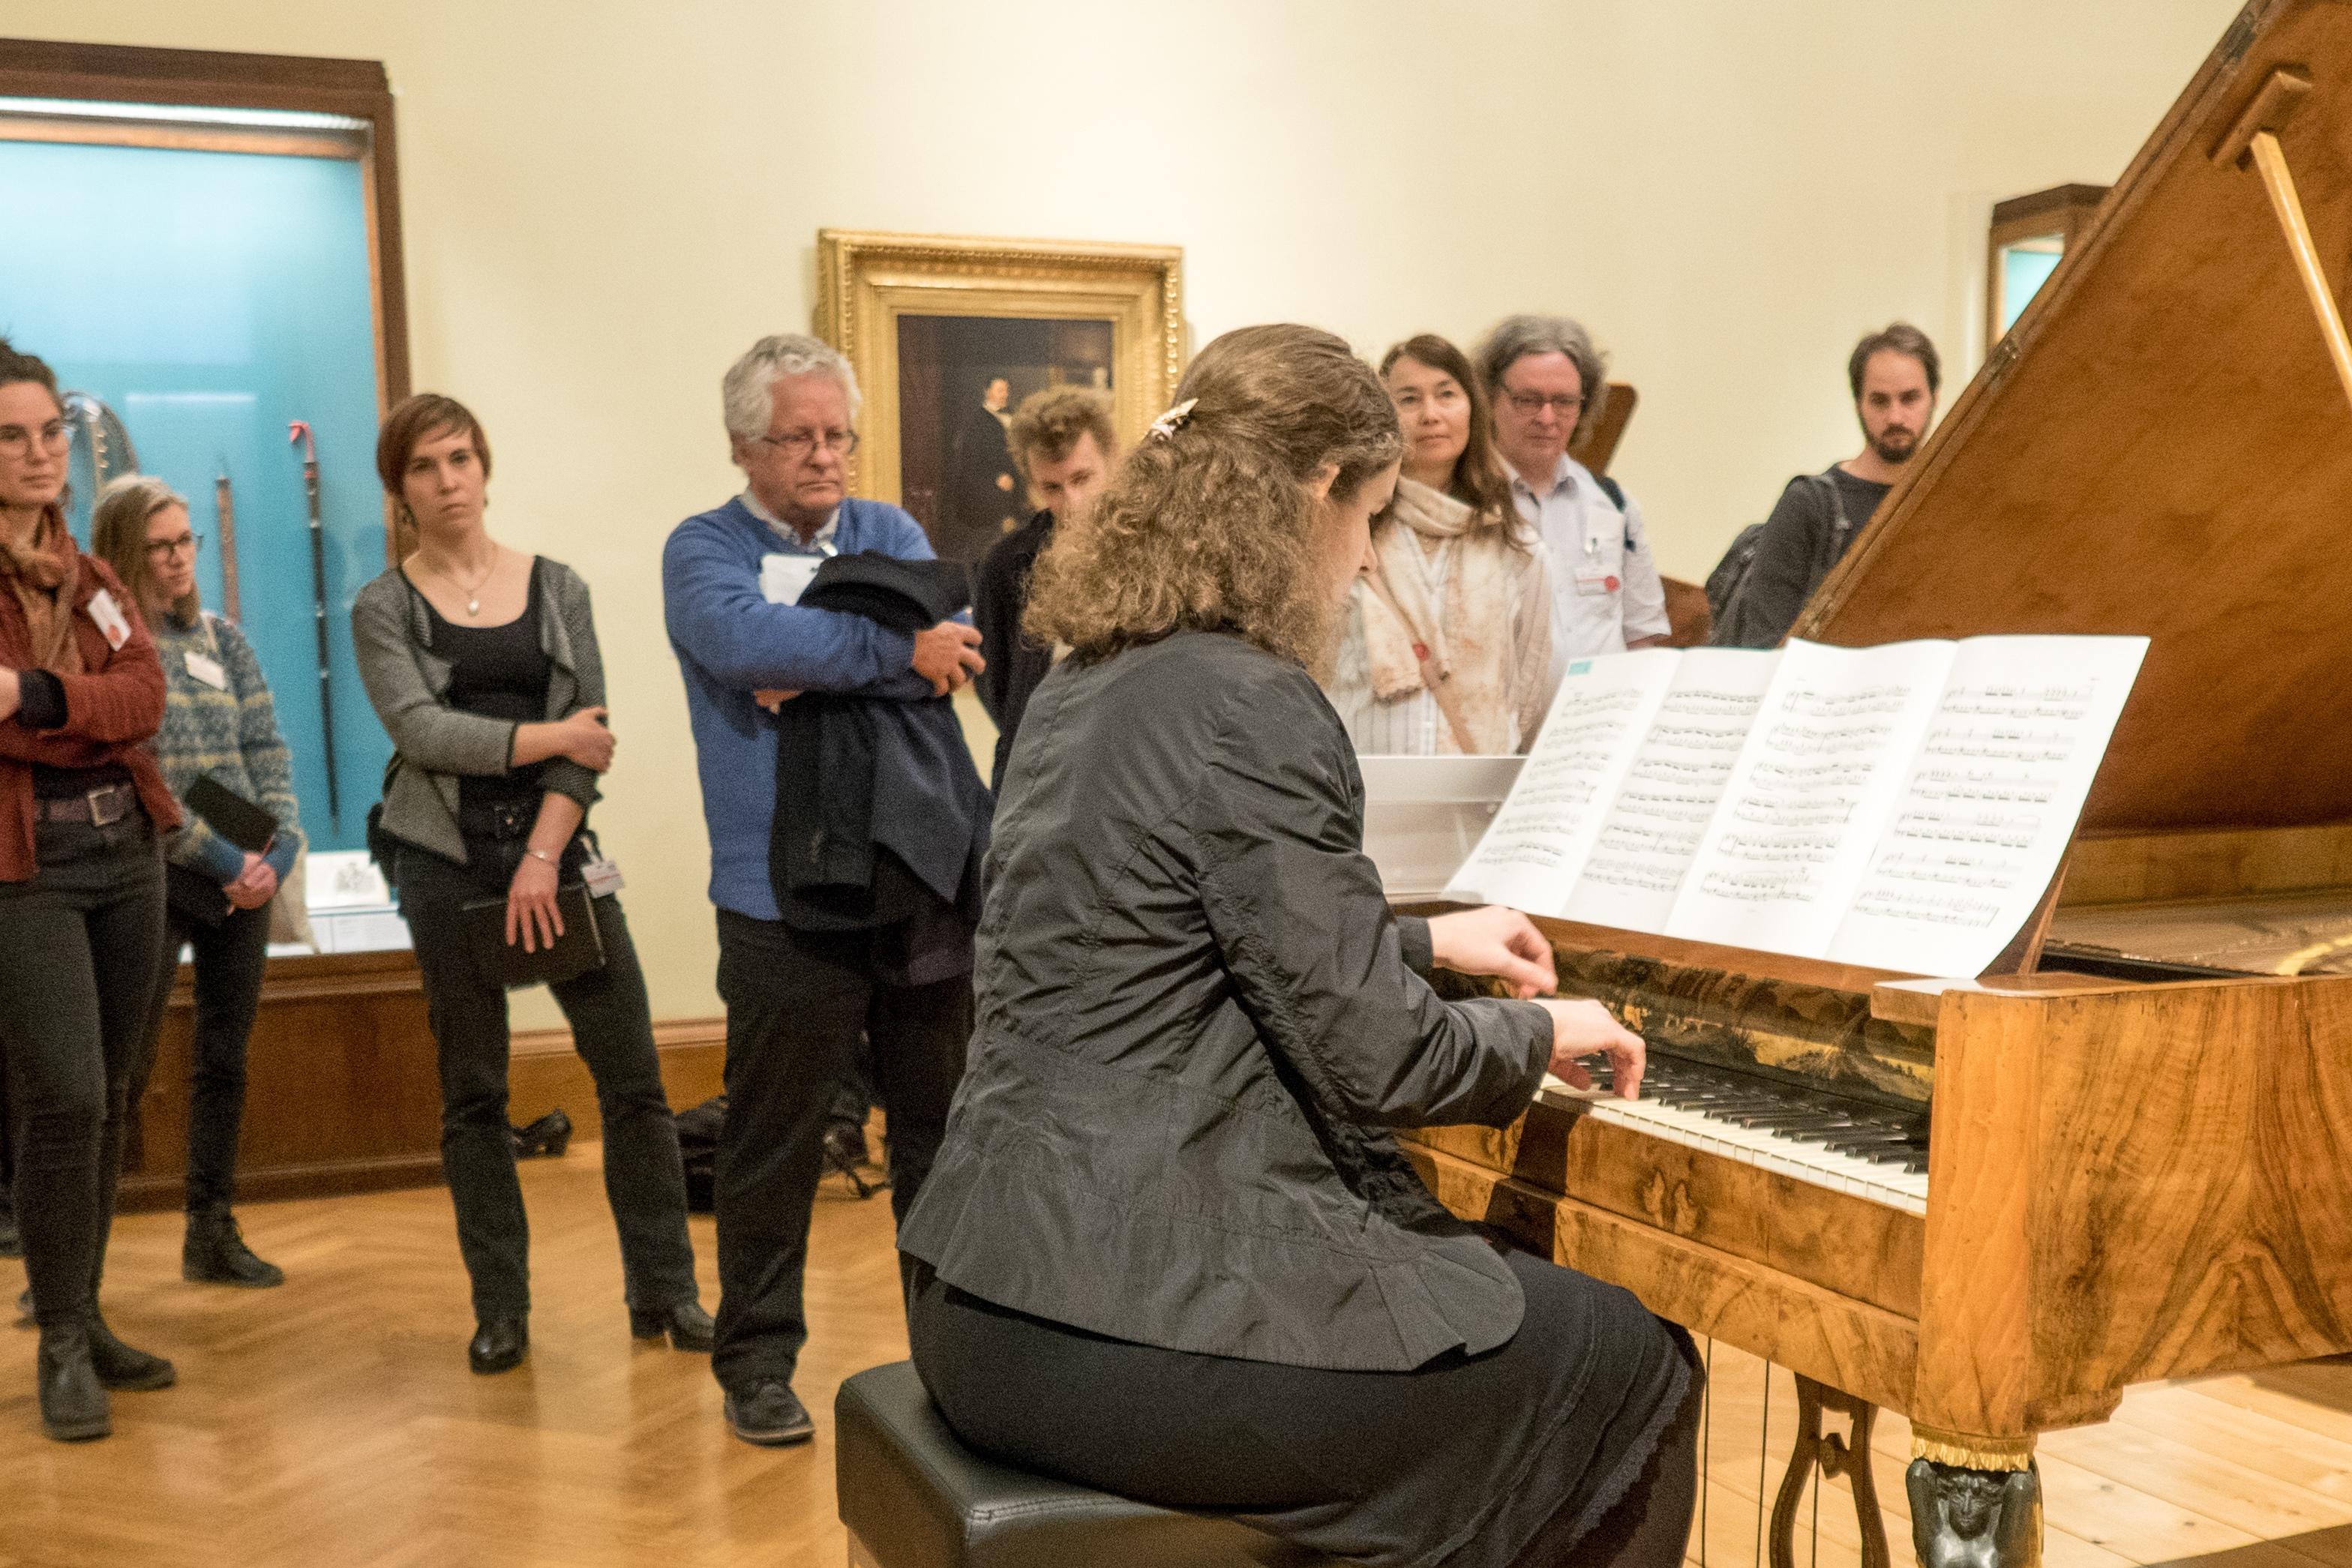 Martin Vogelsanger referierte über seine Diplomarbeit an der HdK Bern, den Hammerflügel von Franz Dorn, Wien ca. 1815, hier musikalisch vorgestellt durch die Pianistin Ines Schüttengruber (Foto: Markus Brosig)